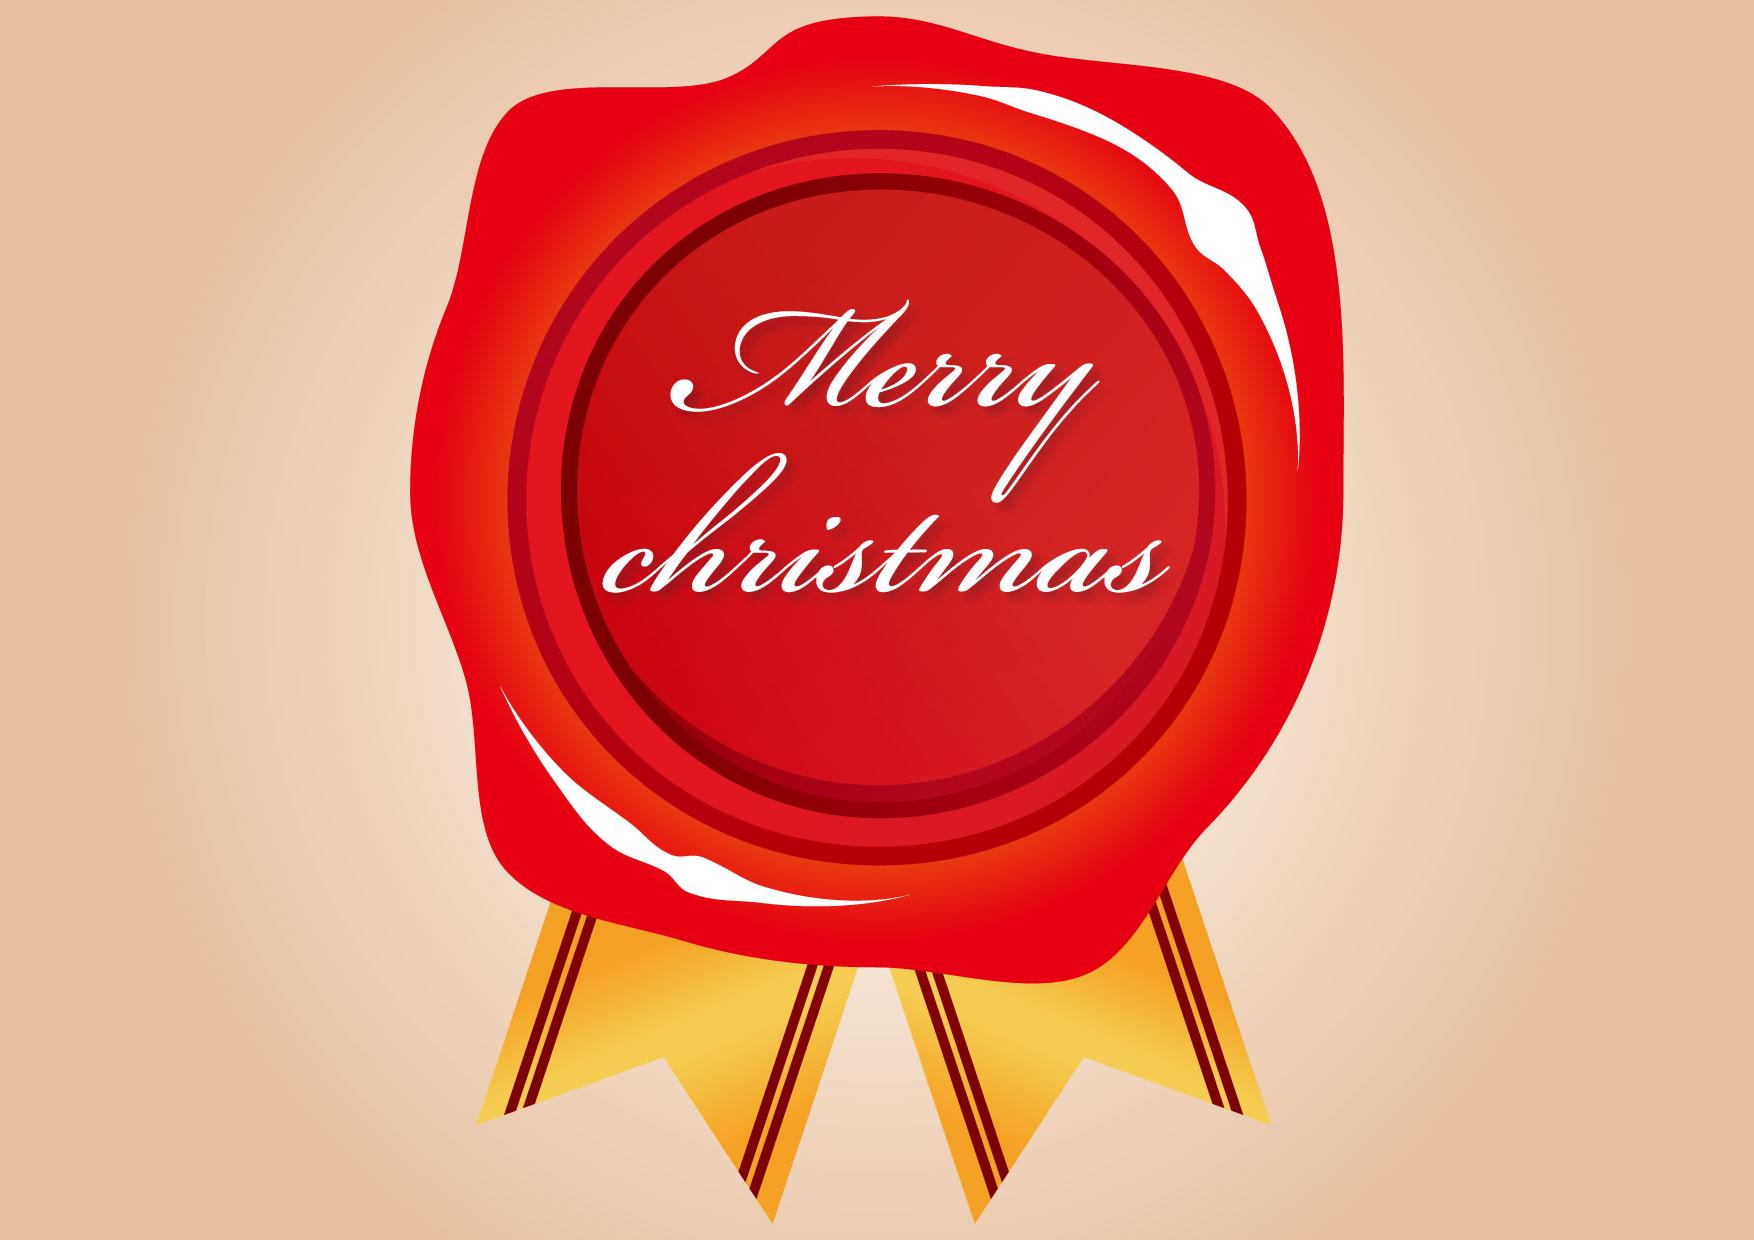 可愛いイラスト無料|スタンプ クリスマス アイコン − free illustration Stamp christmas icon